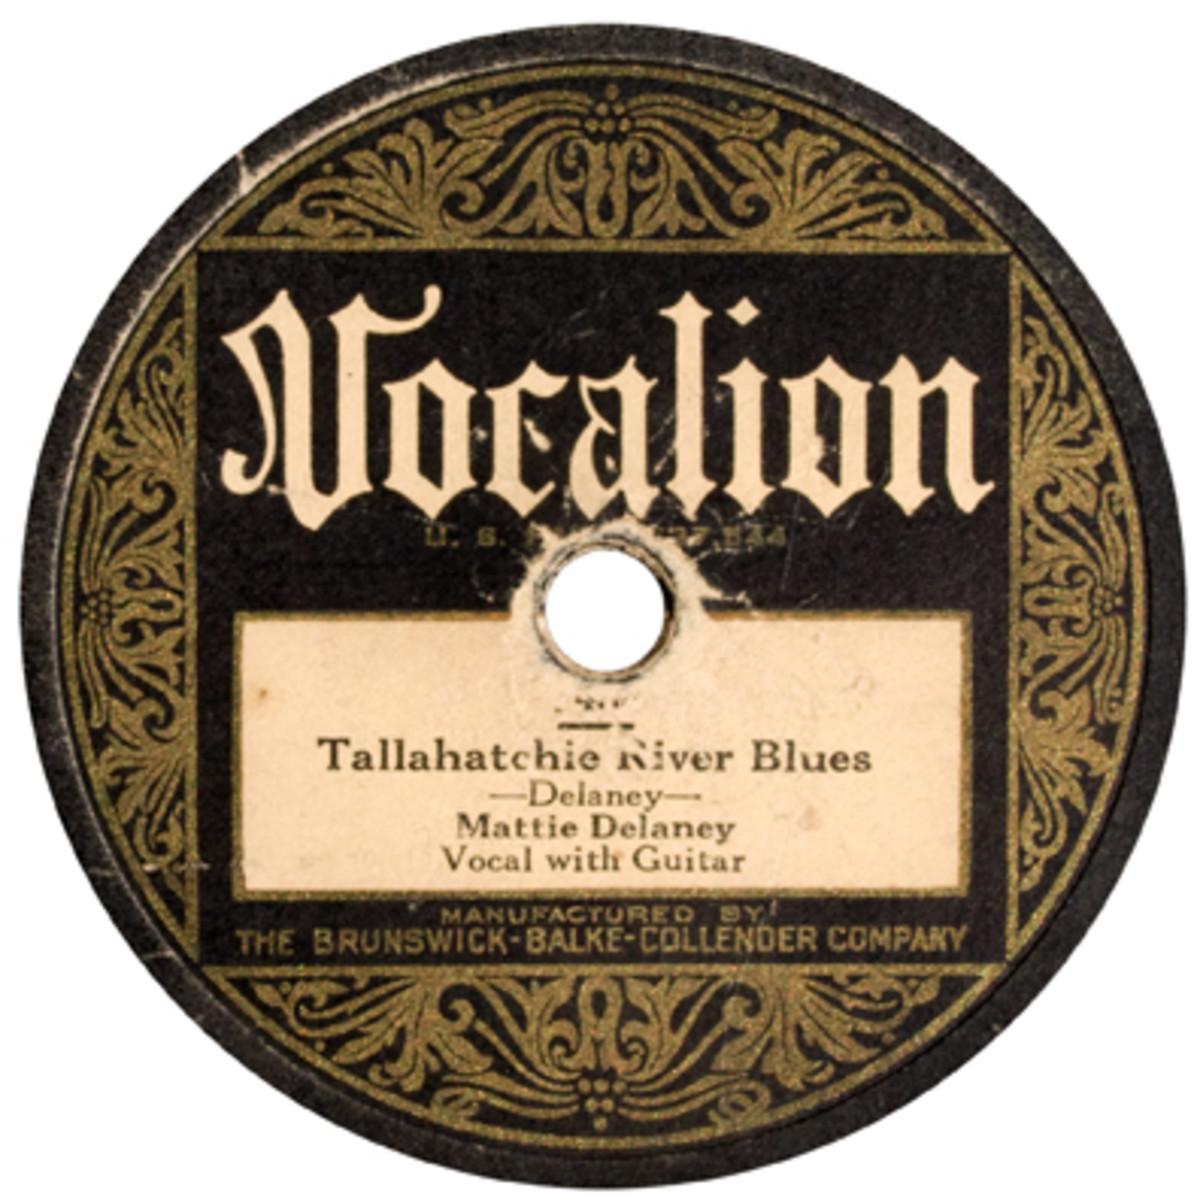 mattie-delaney-tallahatchie-river-blues-vocalion-1480-a